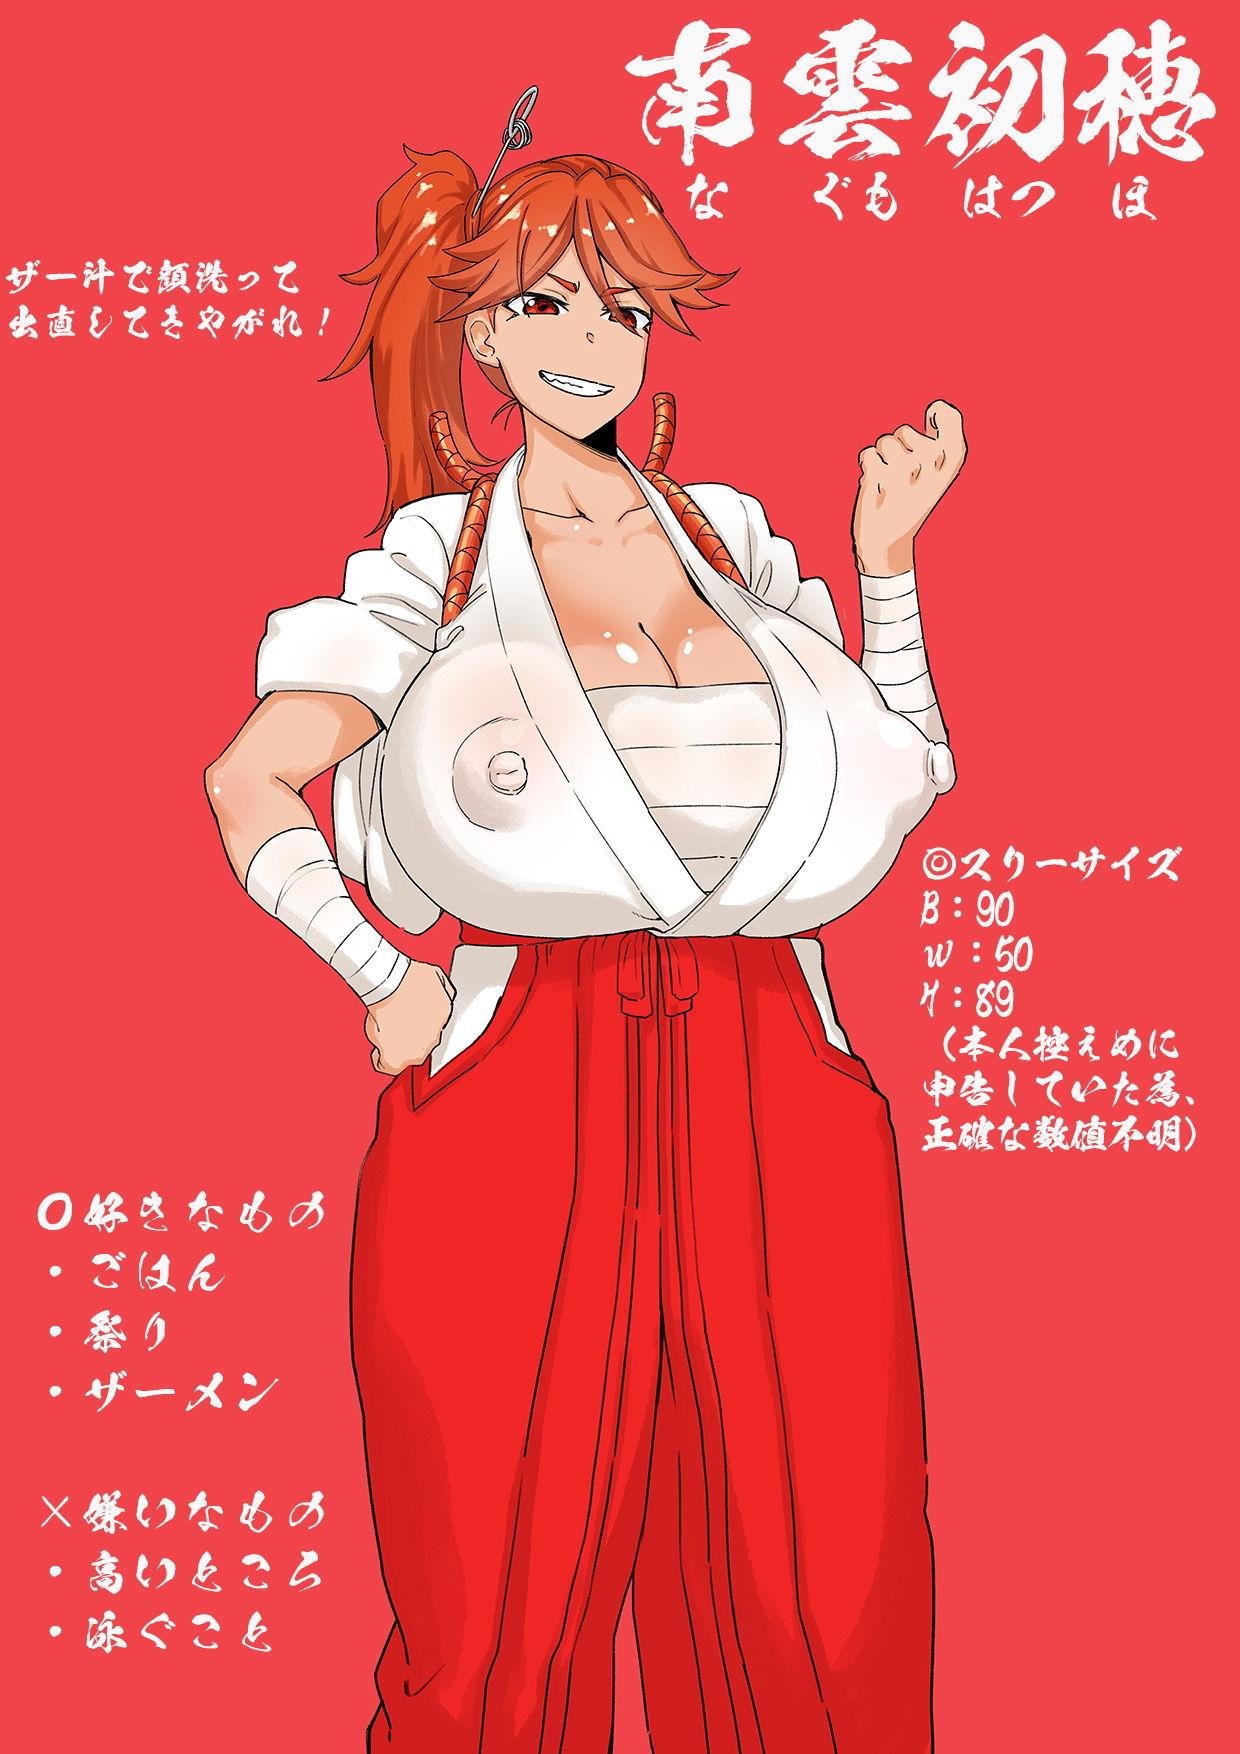 爆乳巫女のザーメンパラダイス! エロアニメ画像